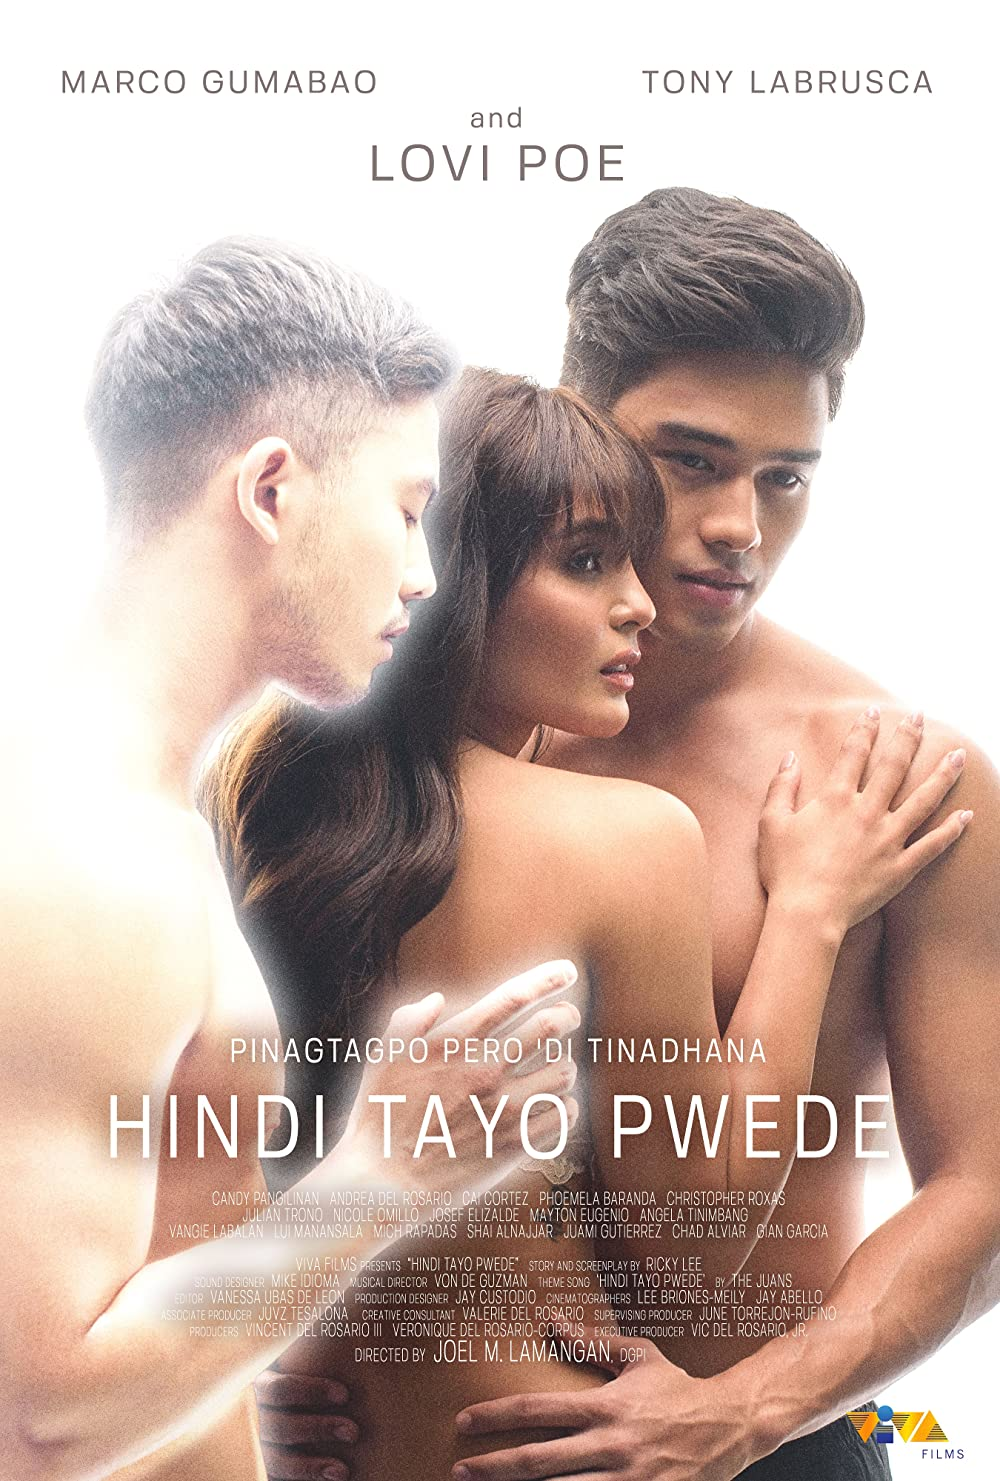 18+ Hindi Tayo Pwede 2020 Tagalog 300MB HDRip 480p ESubs Free Download